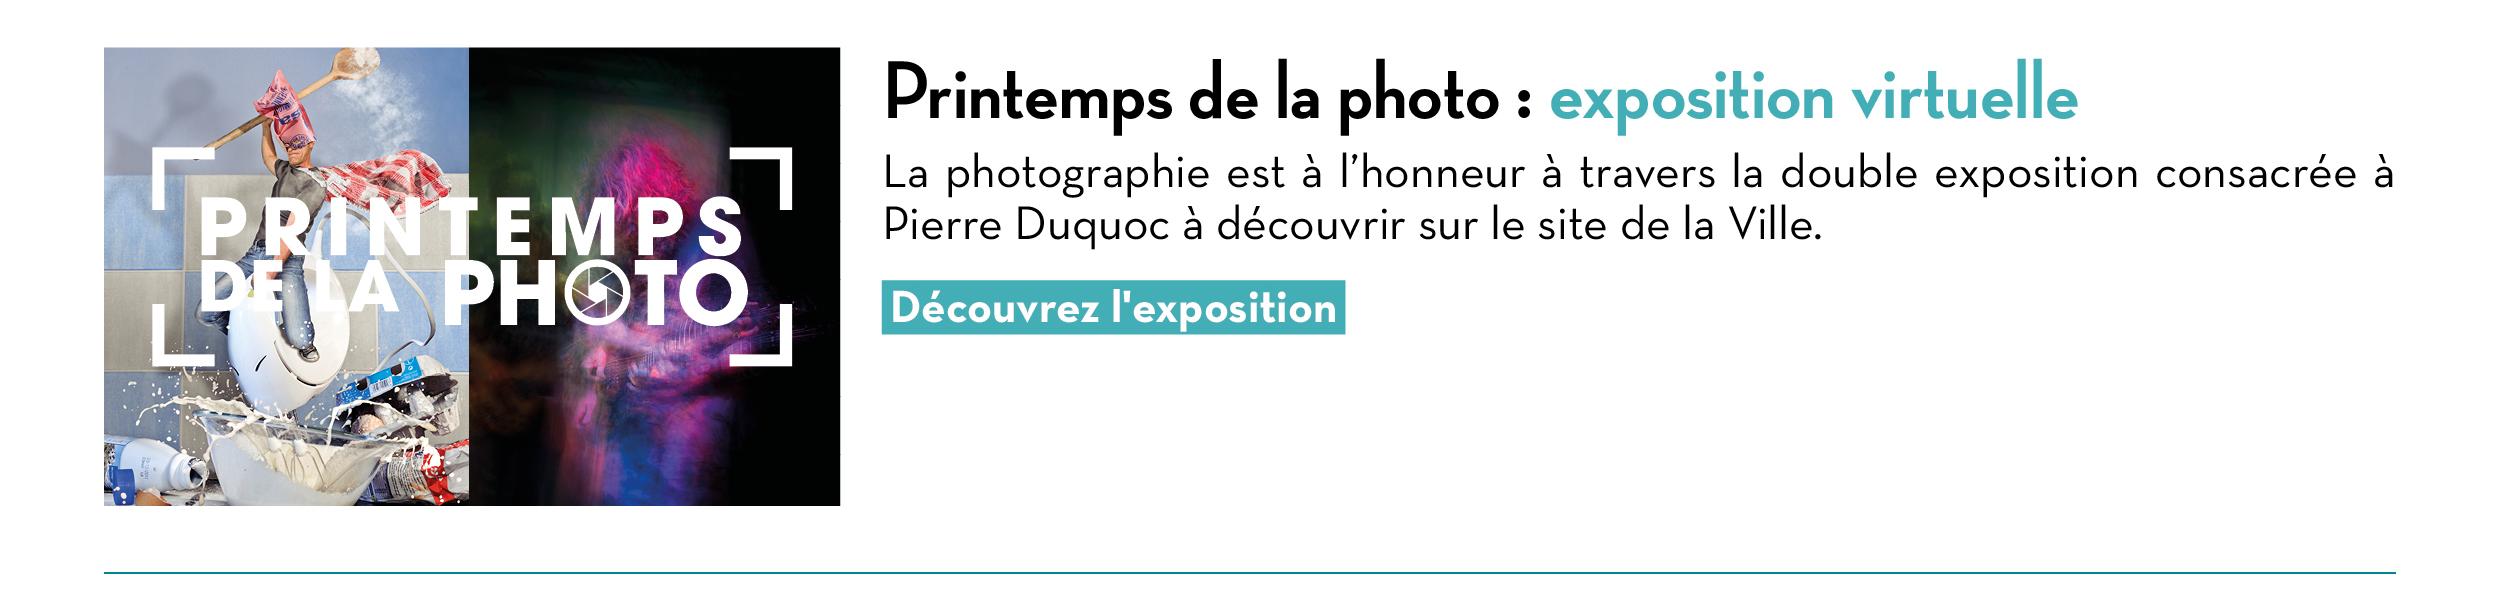 Printemps de la photo : exposition virtuelle